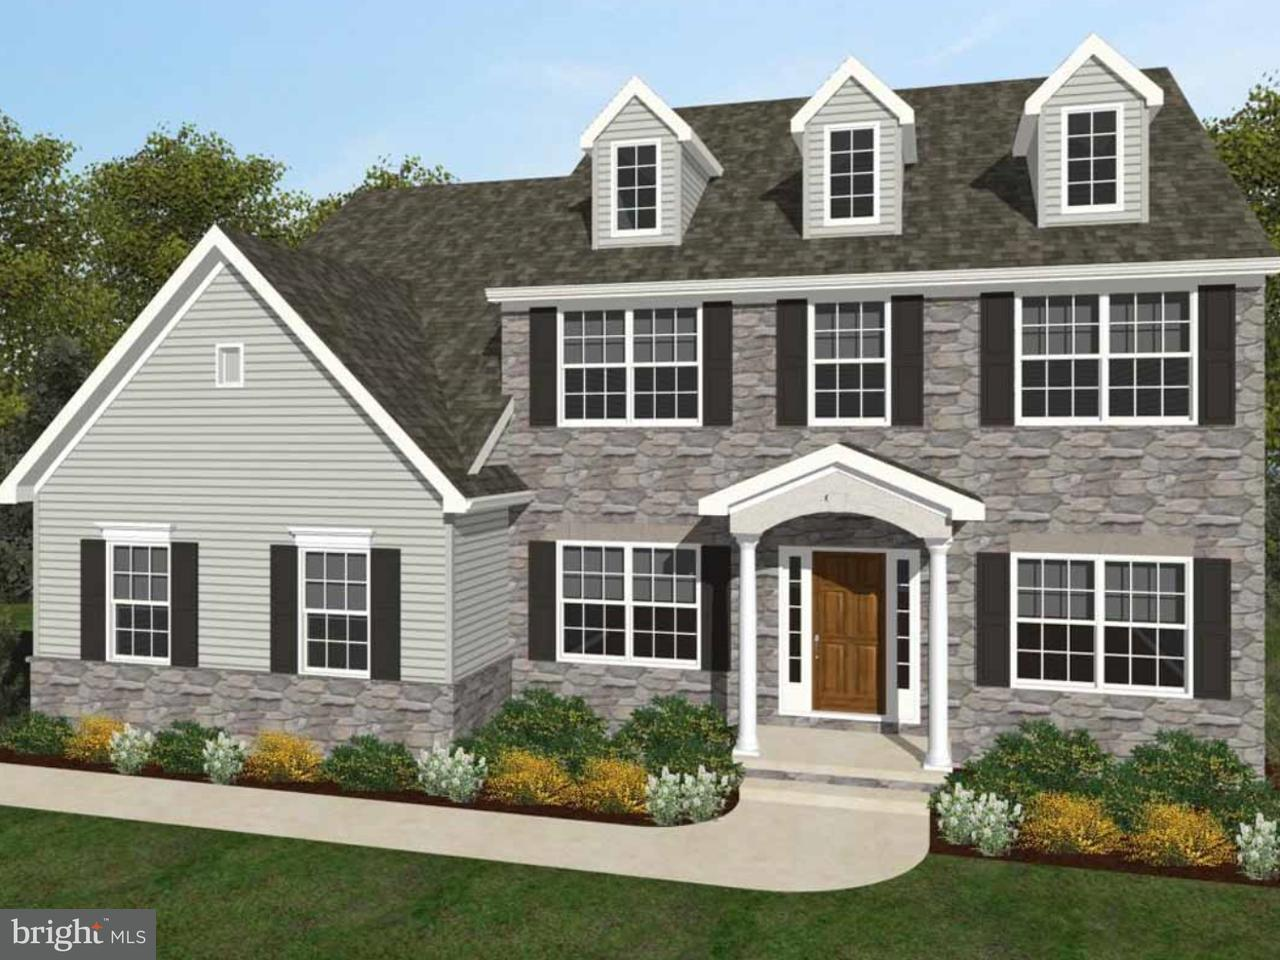 Частный односемейный дом для того Продажа на MIDDLECREEK Drive Oley, Пенсильвания 19547 Соединенные Штаты